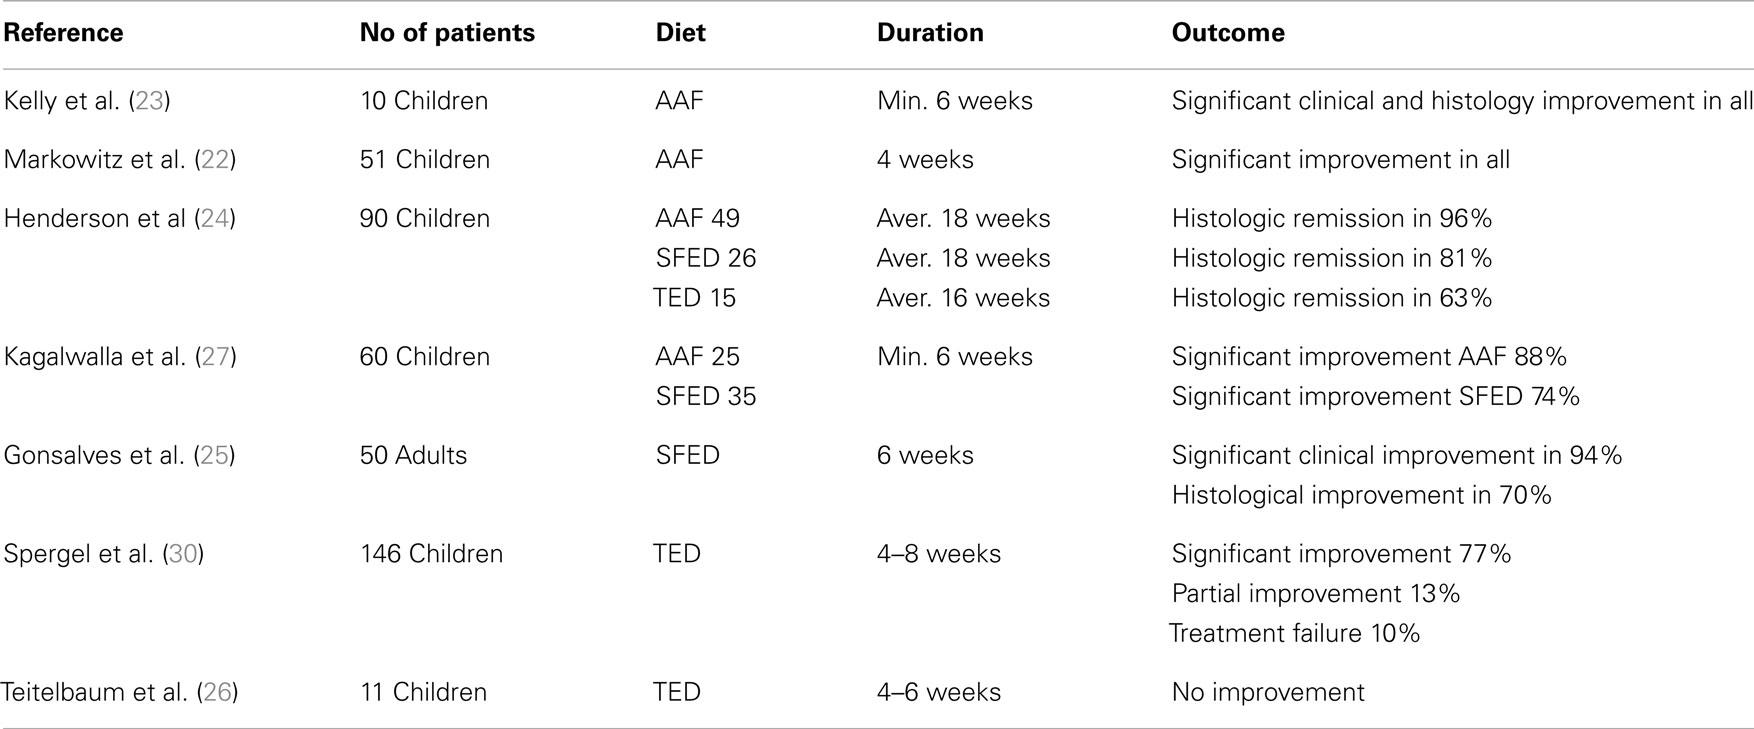 Eosinophilic Esophagitis Diet